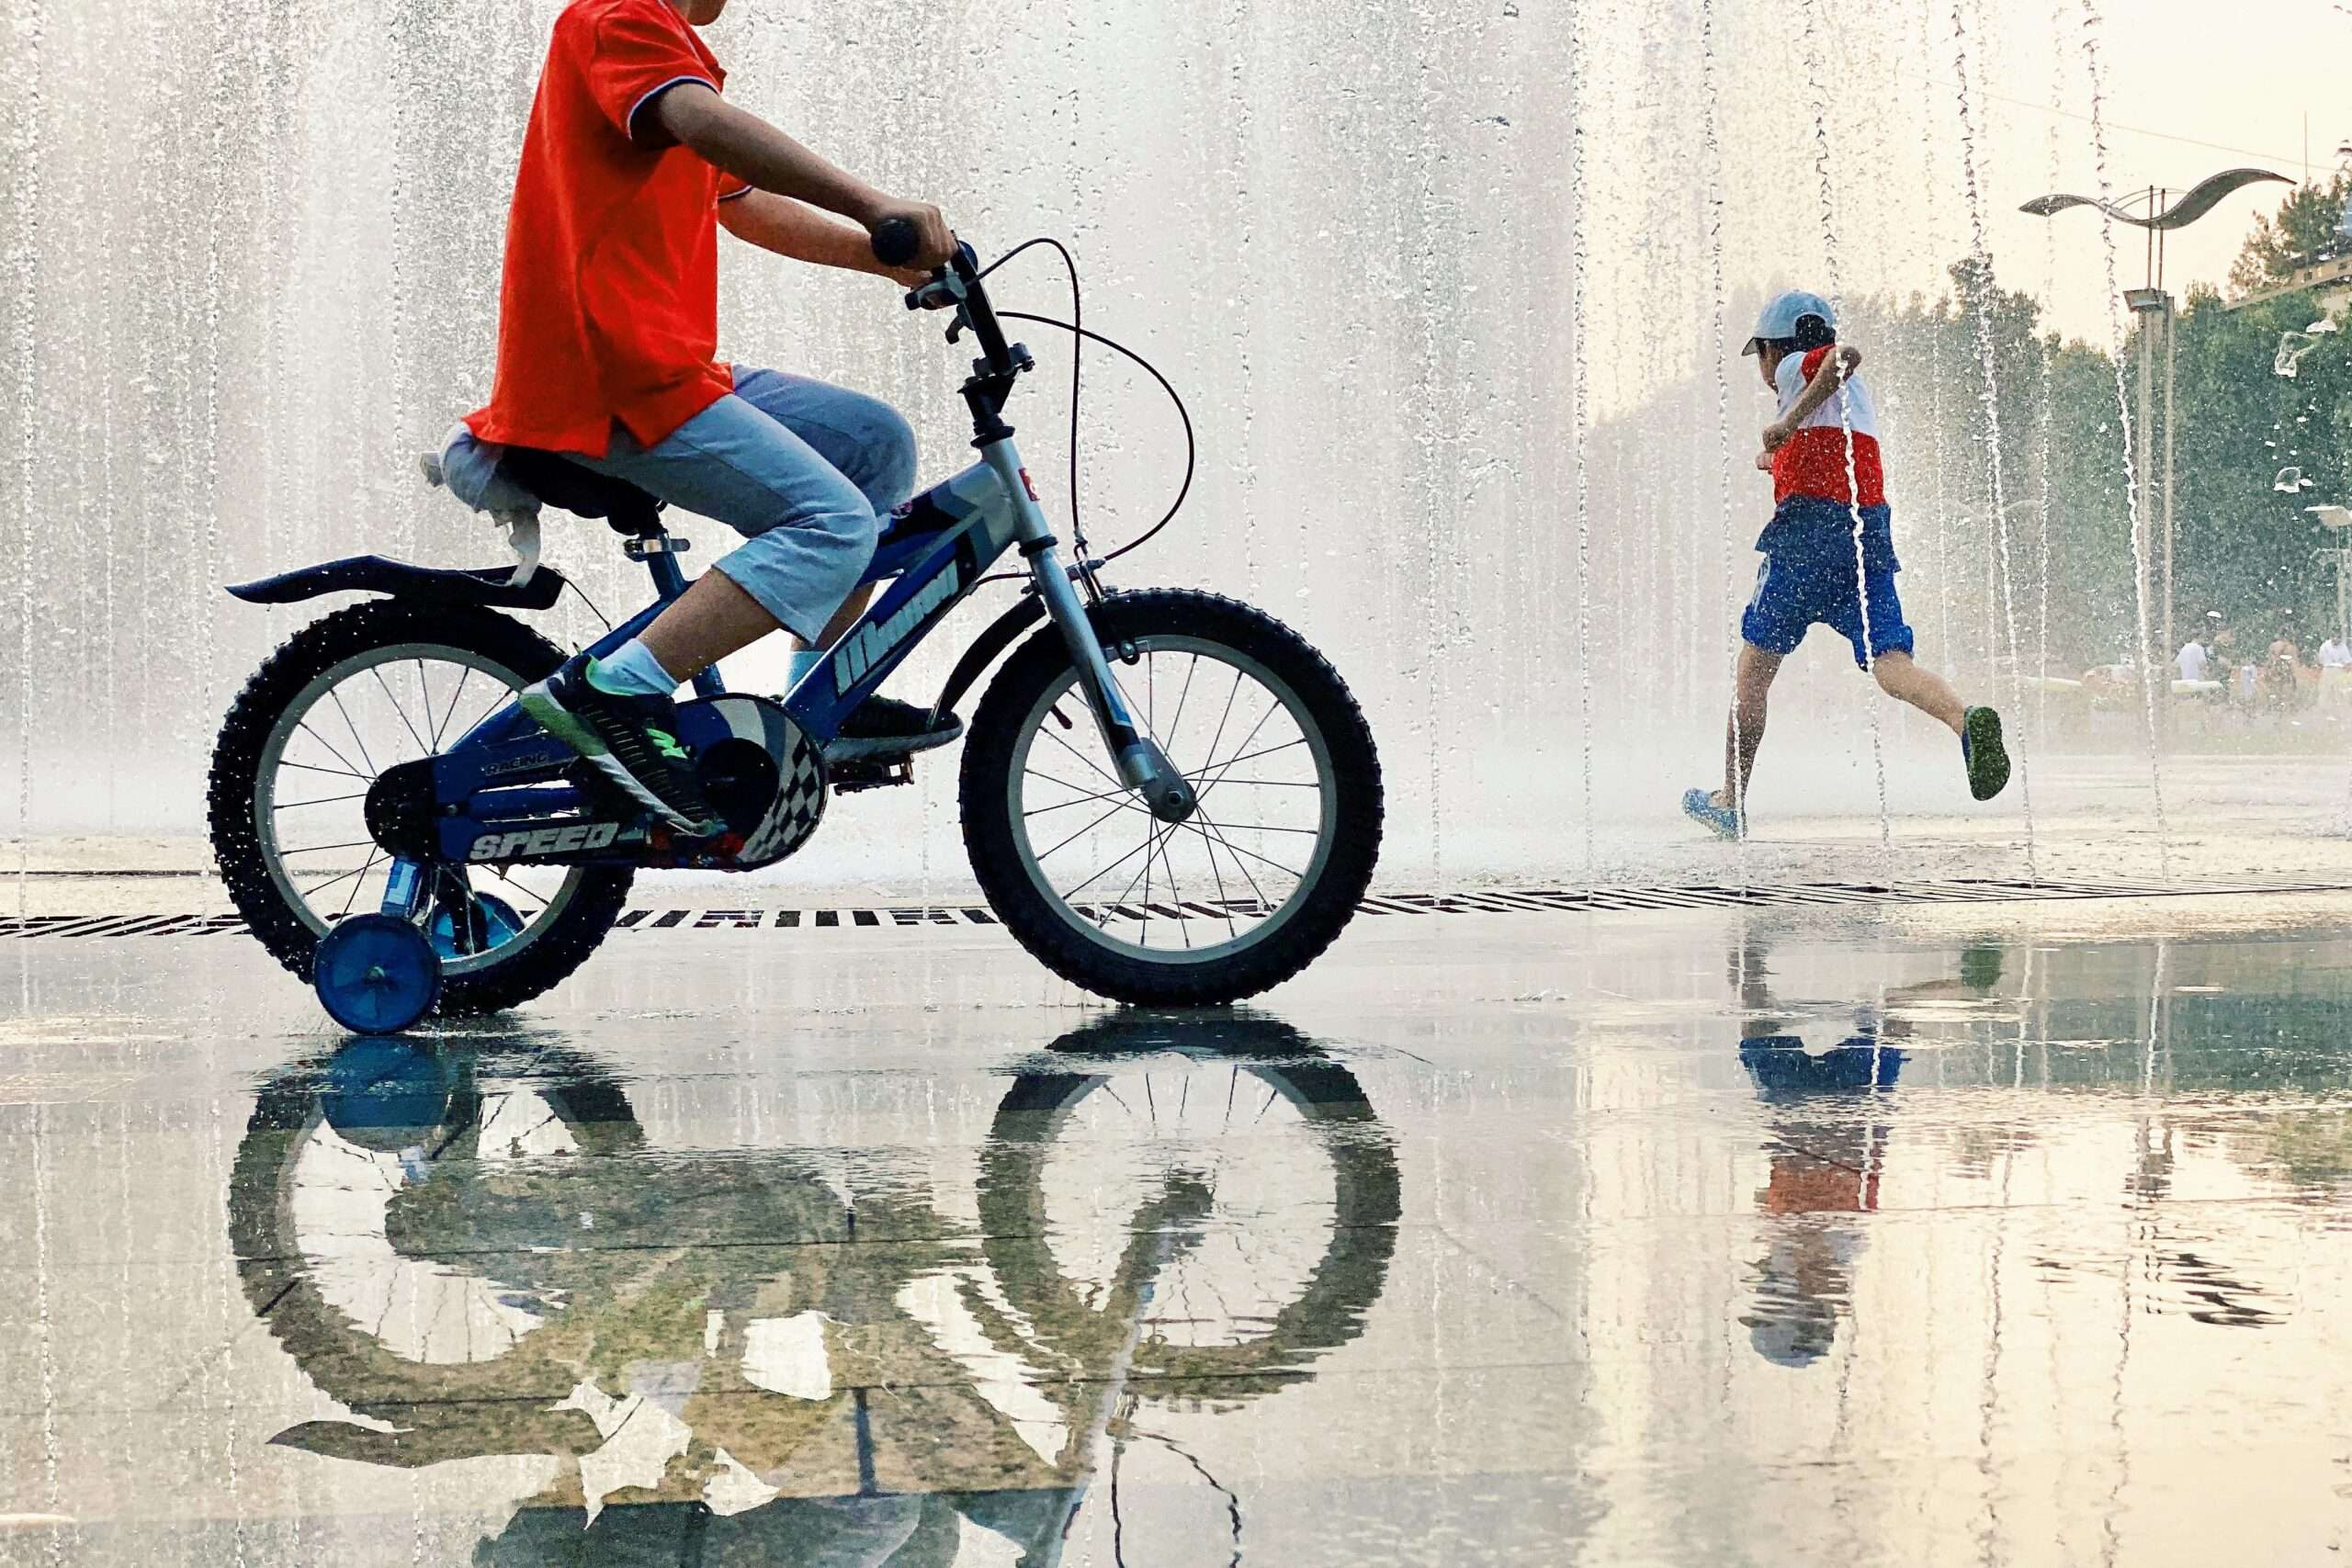 Đạp xe giúp bé cải thiện sức khỏe